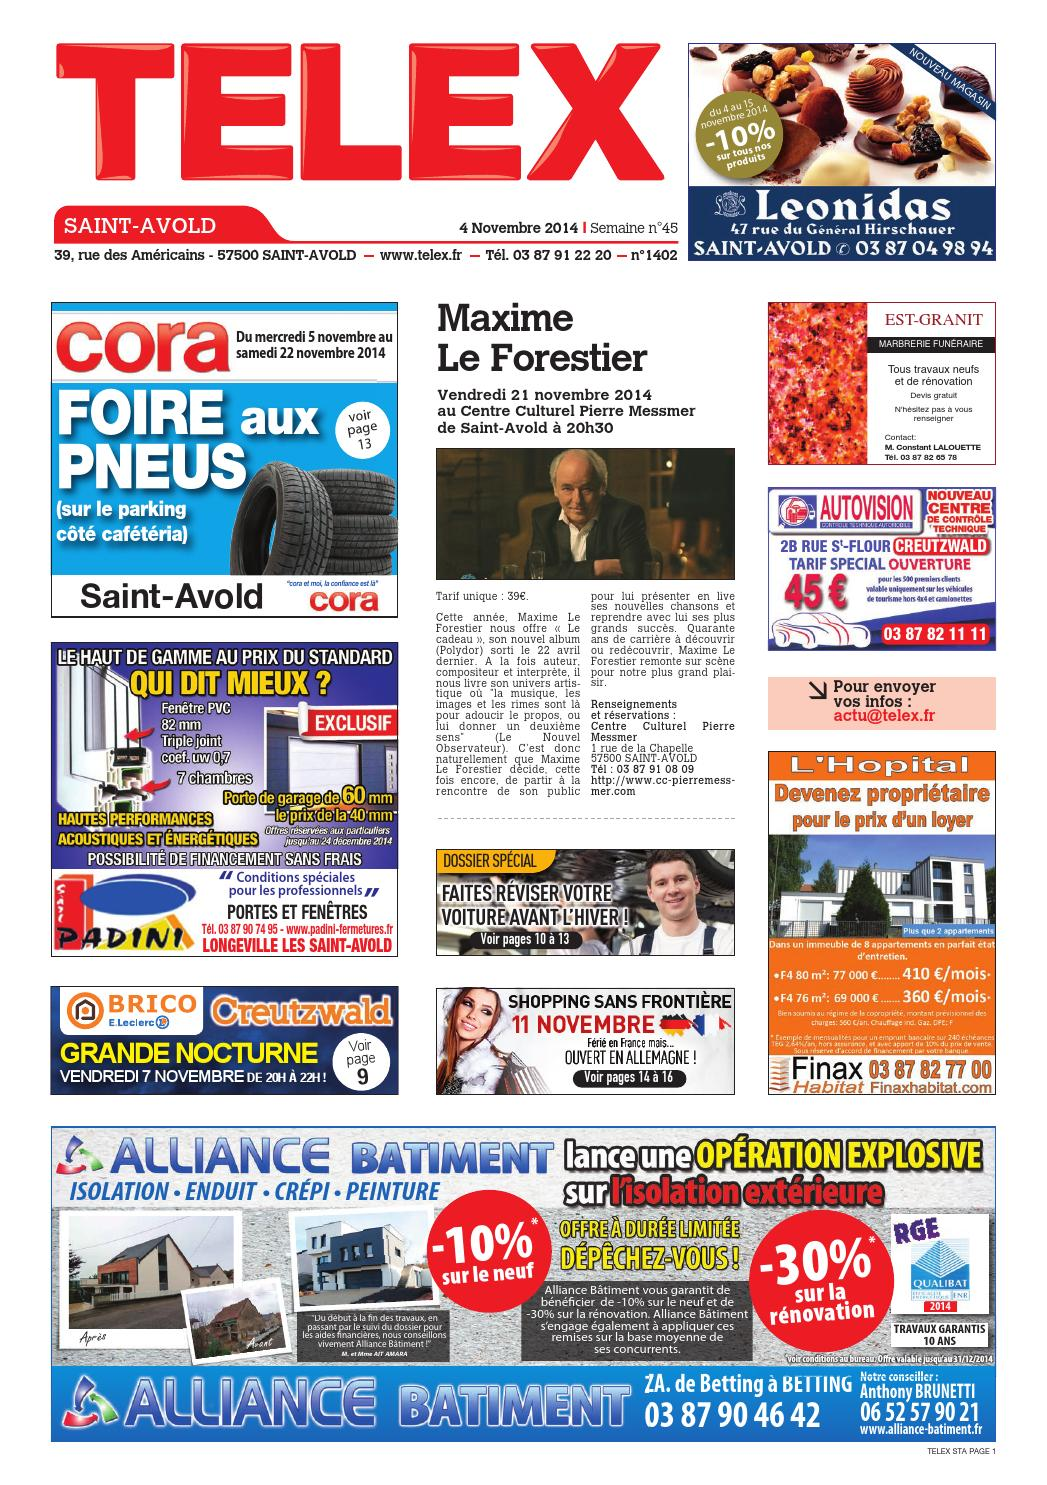 Croisé Croisé Deco Clouté Femm Frye79140Ally Frye79140Ally Deco Clouté 0kP8Onw